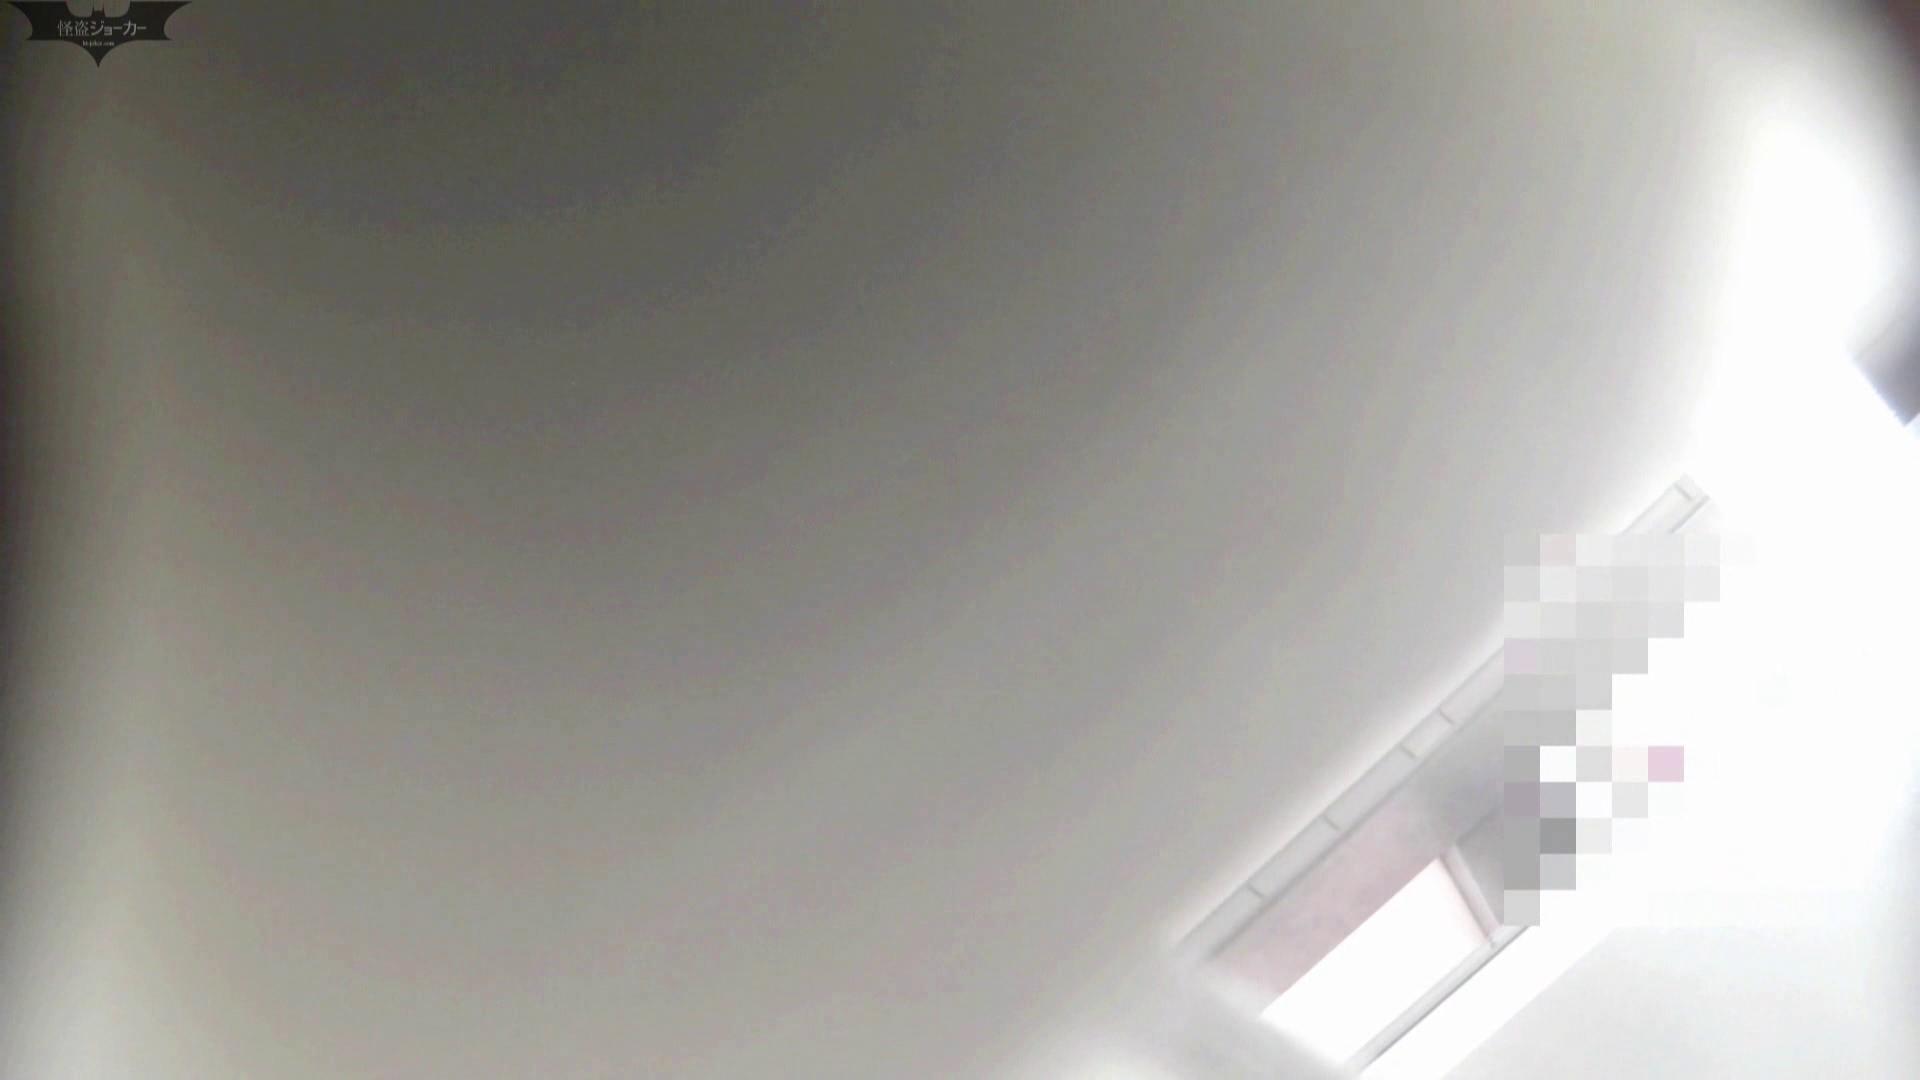 洗面所特攻隊 vol.006 いやらしいOL オマンコ動画キャプチャ 62連発 53